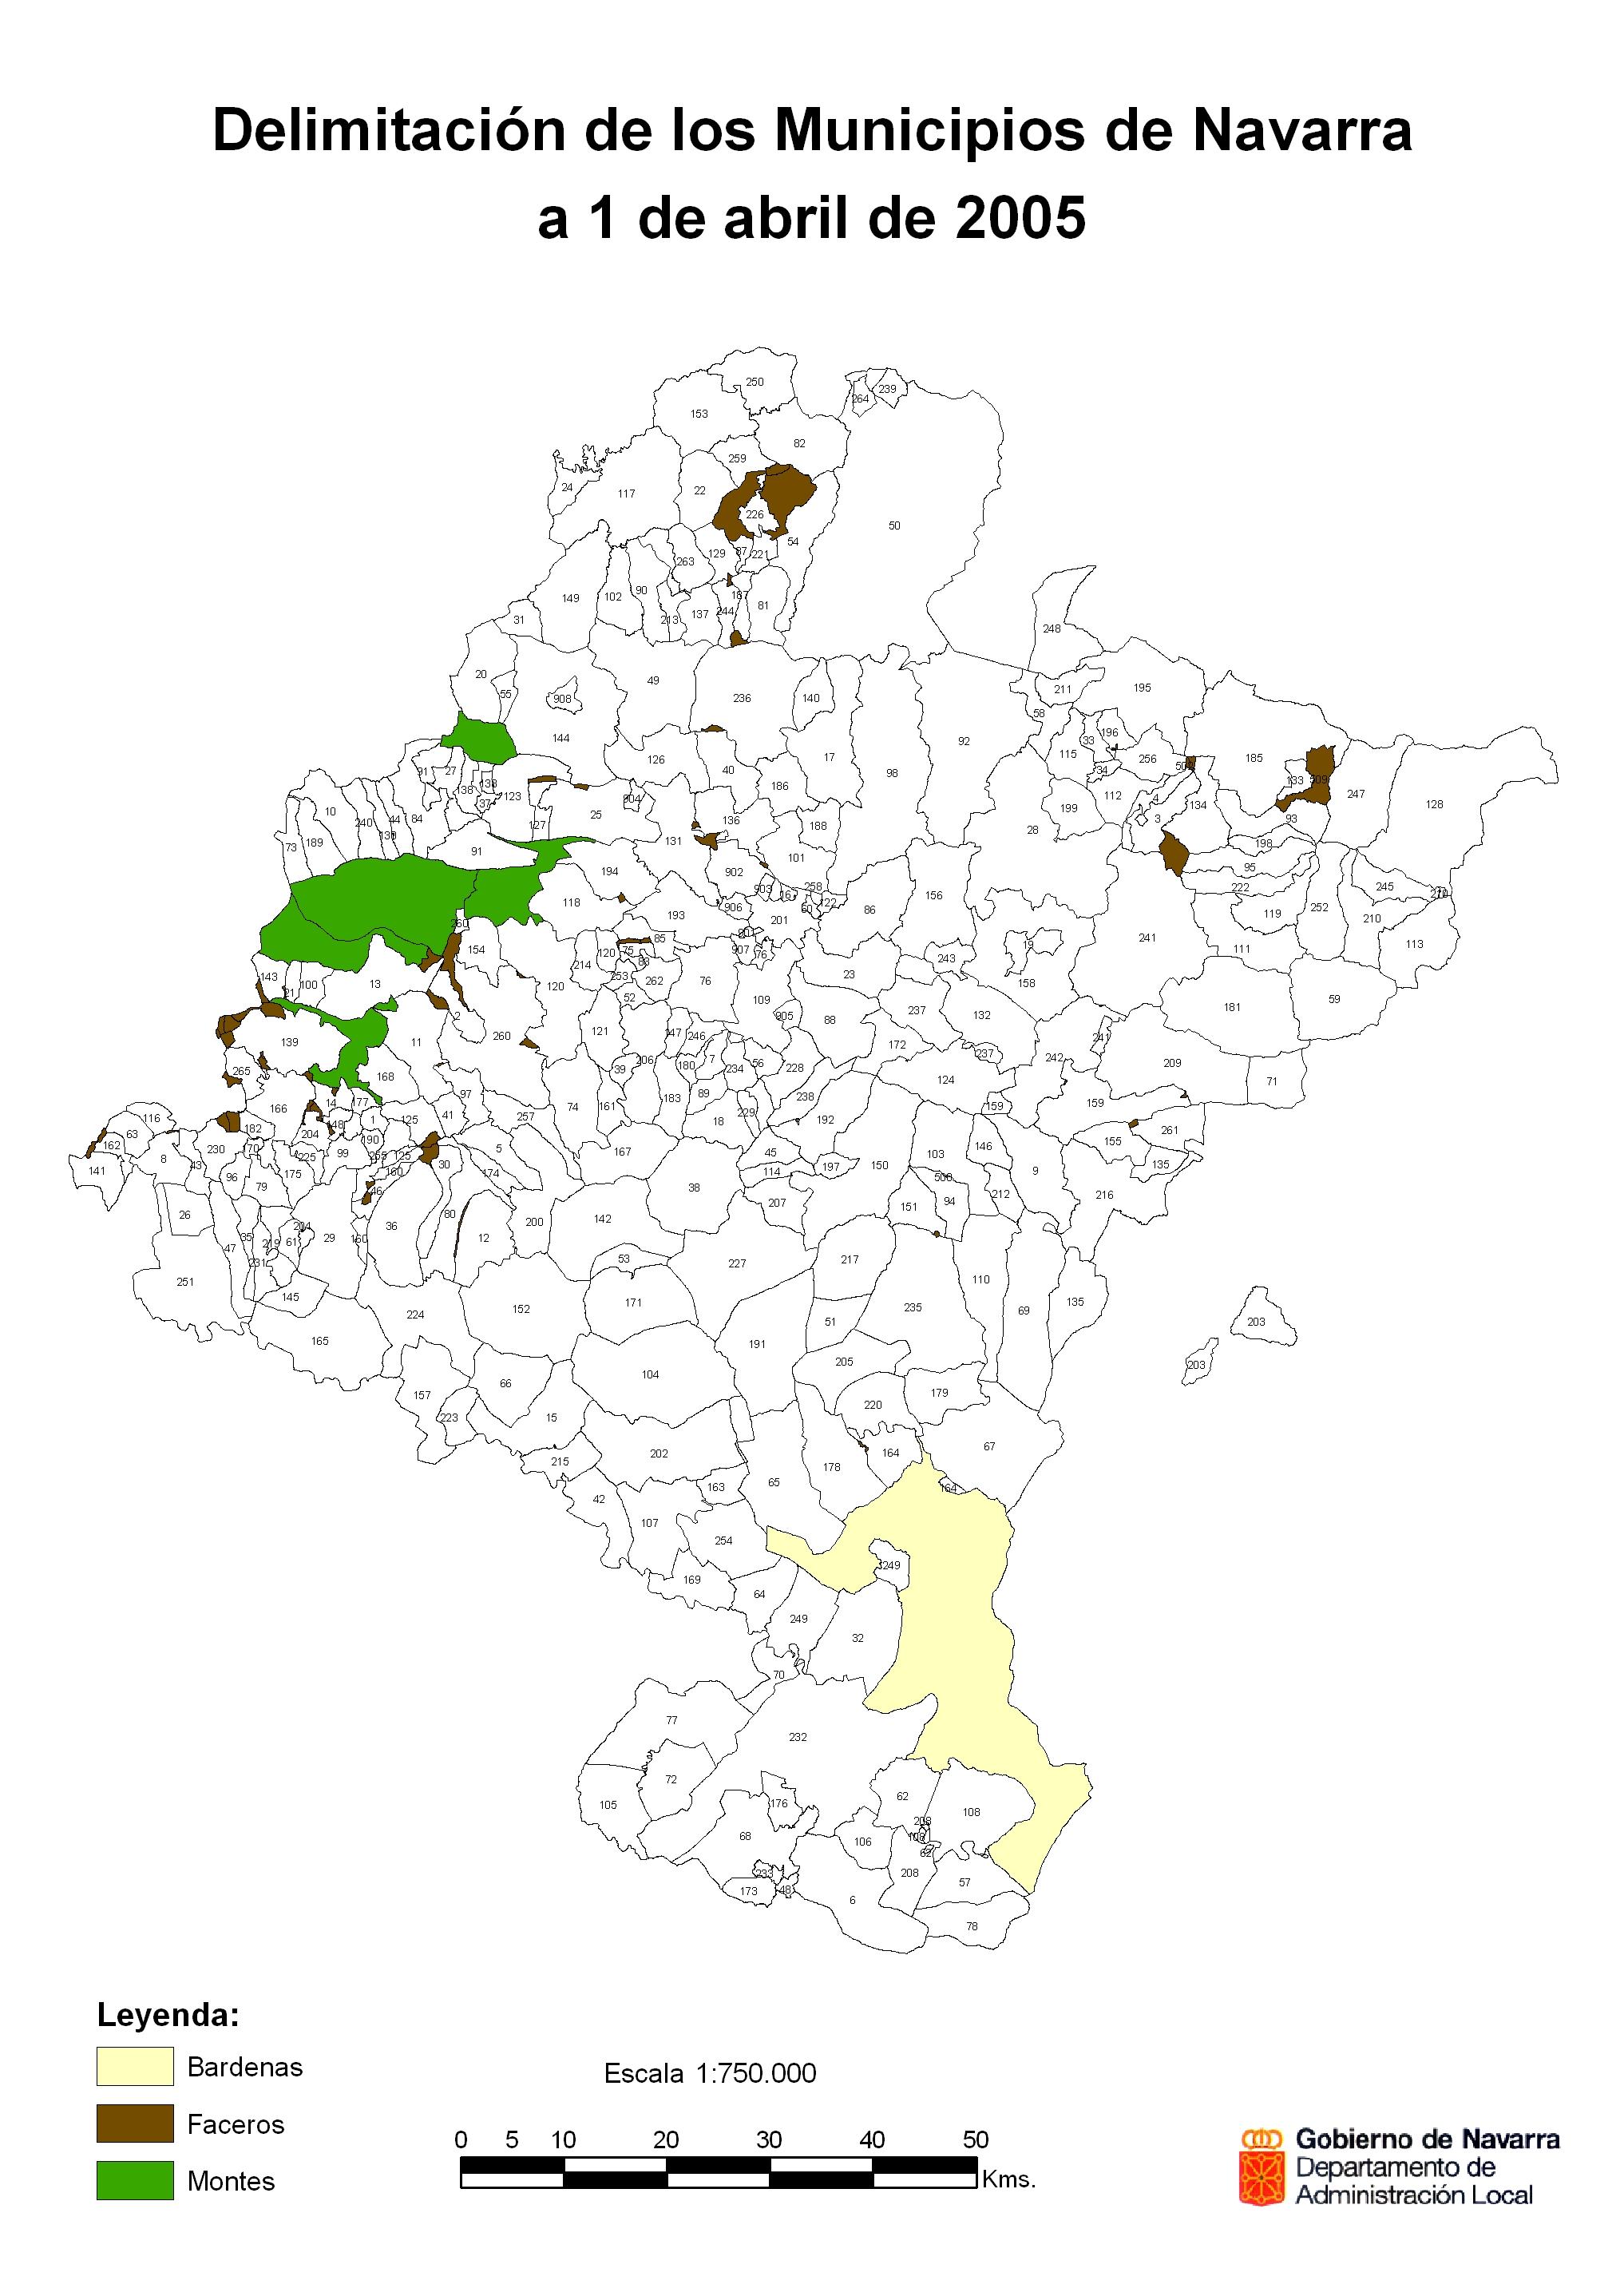 Mapa de Códigos de los Municipios de Navarra 2005